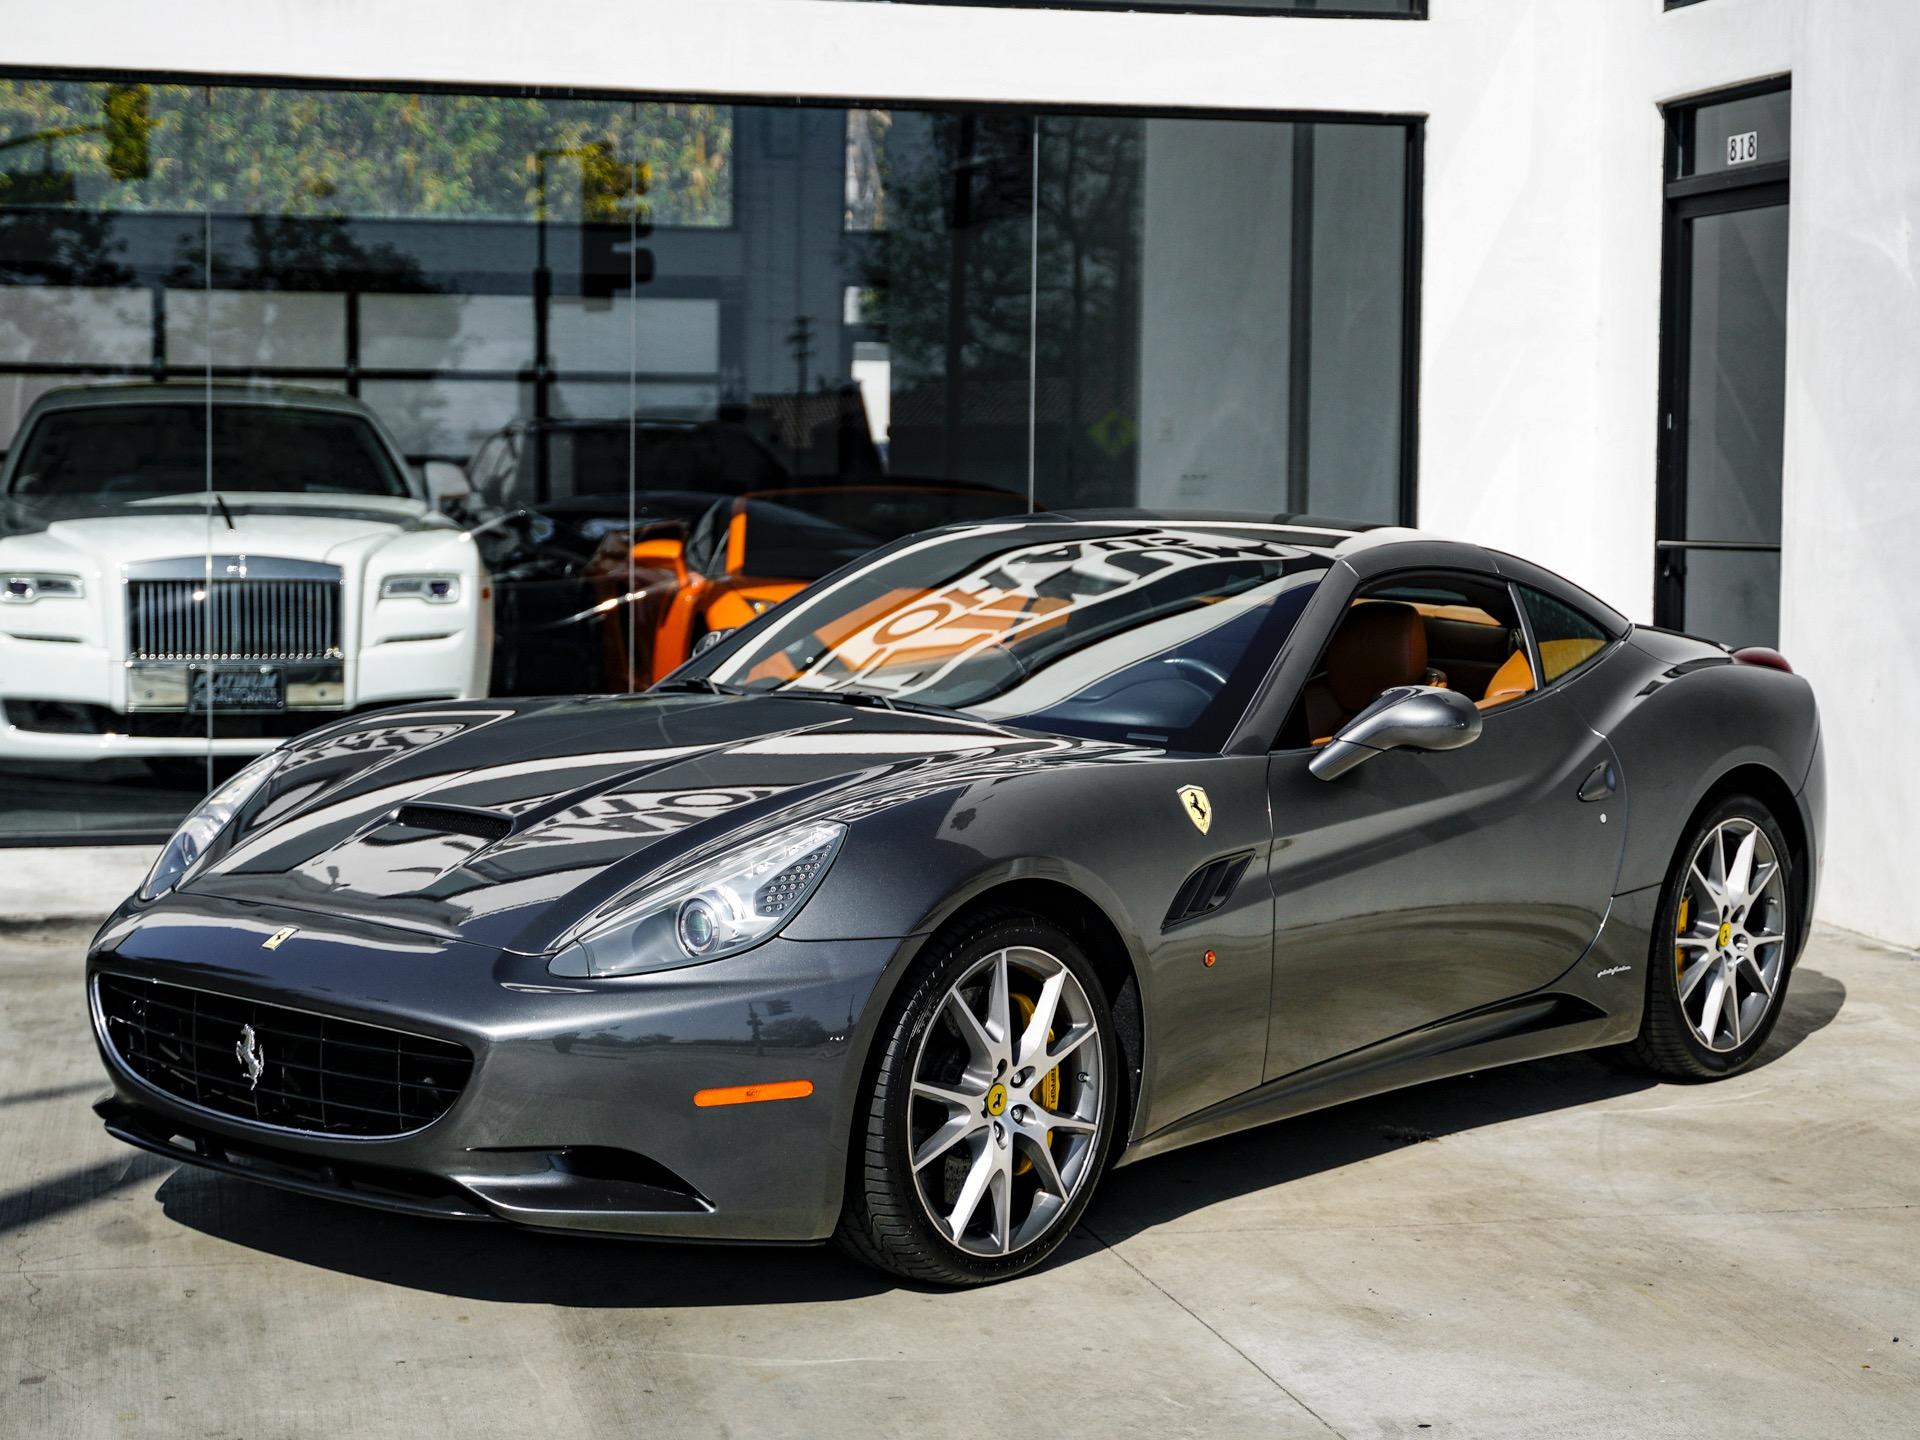 2010 Ferrari California Stock 169942 For Sale Near Redondo Beach Ca Ca Ferrari Dealer